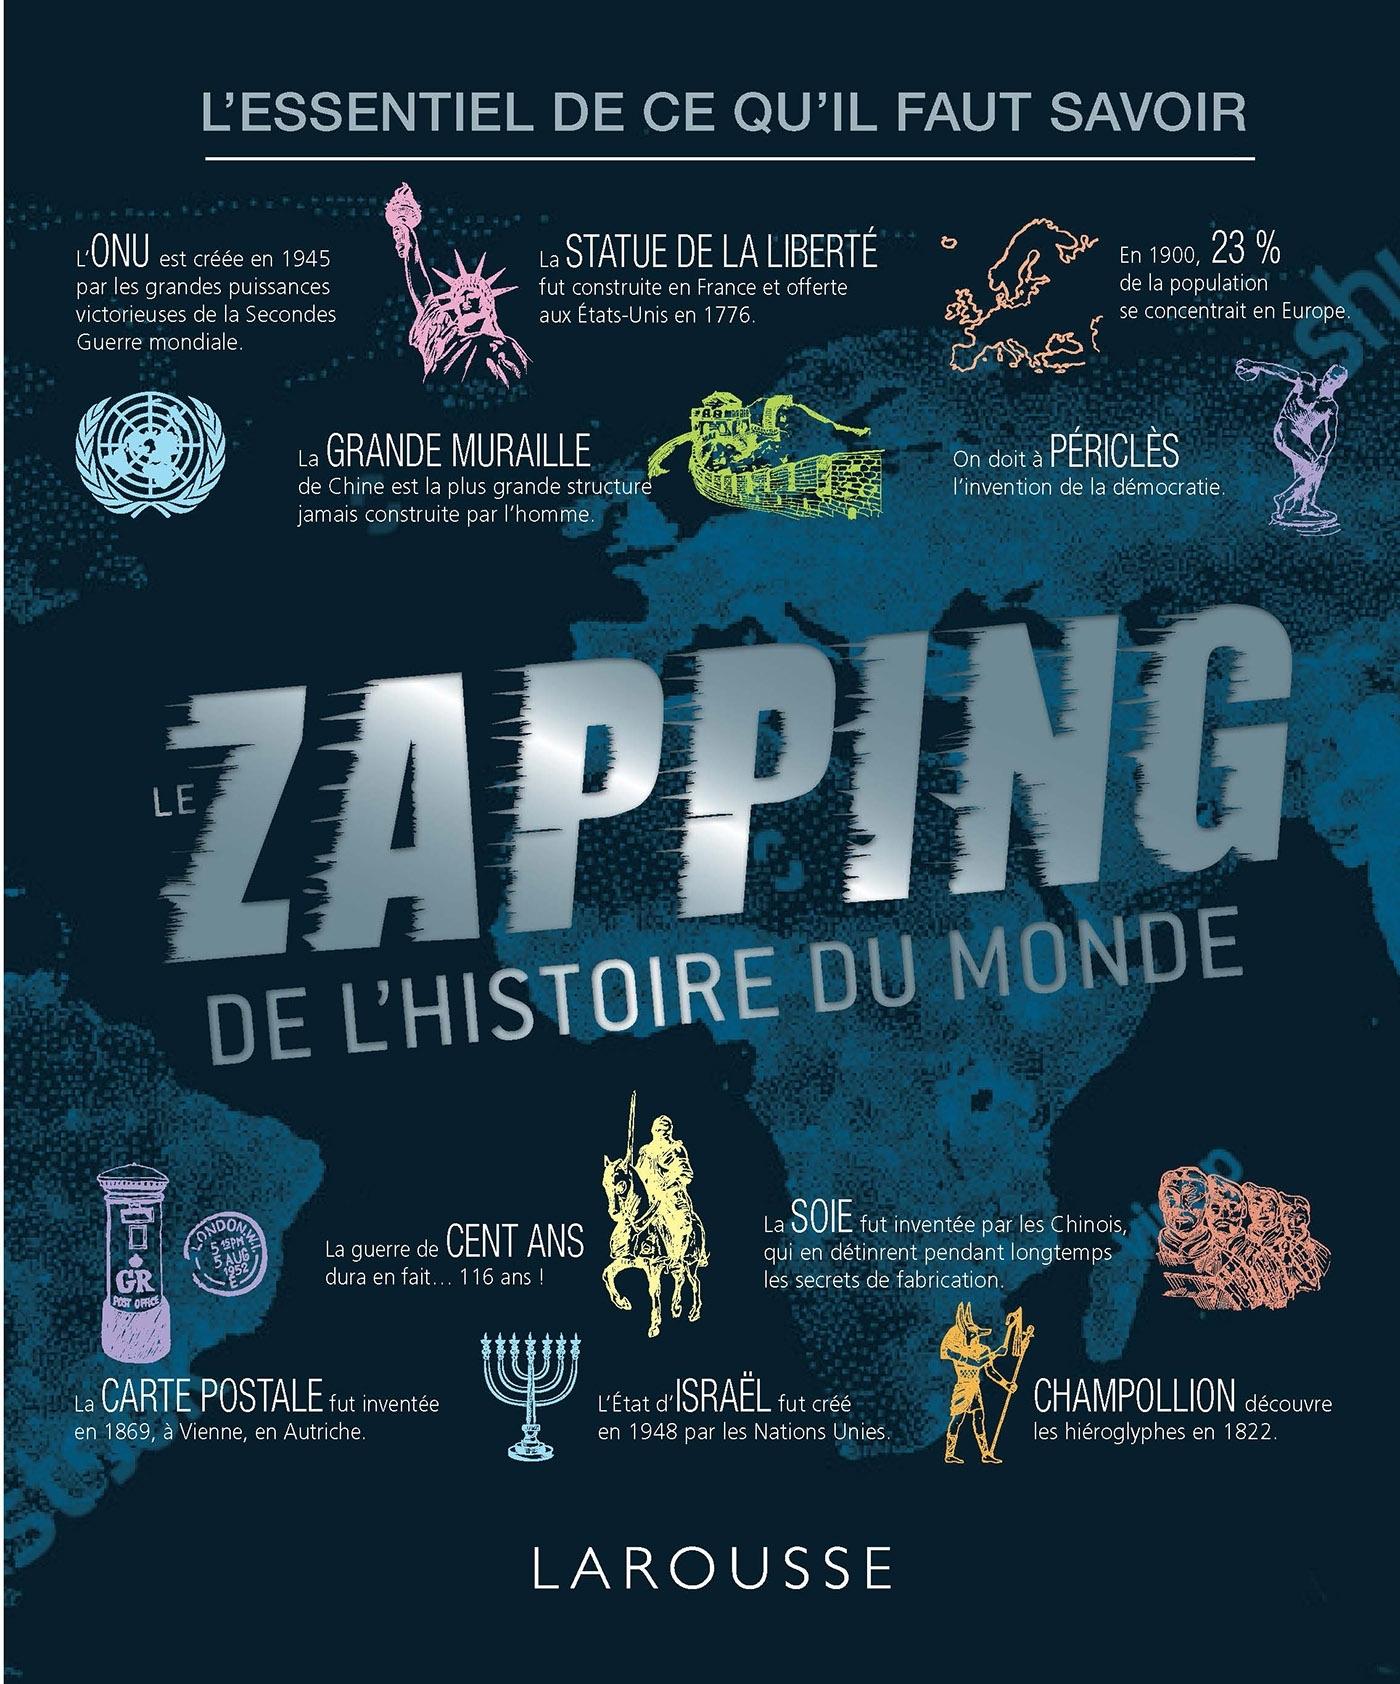 LE ZAPPING DE L'HISTOIRE DU MONDE